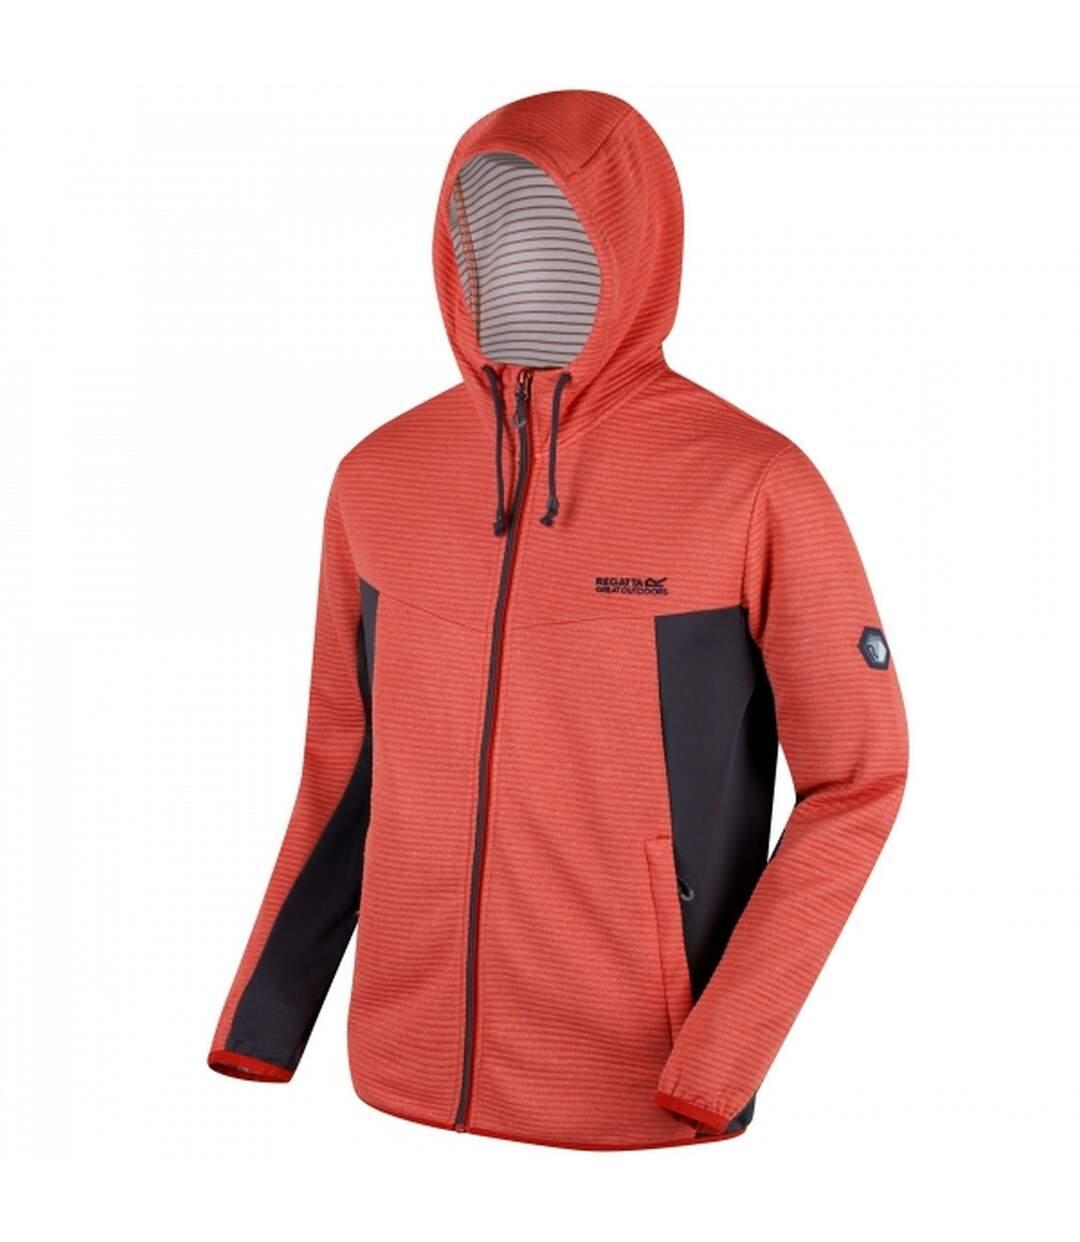 Regatta Mens Tarnis Full Zip Hooded Fleece (Burnt Tikka/Seal Grey) - UTRG3394